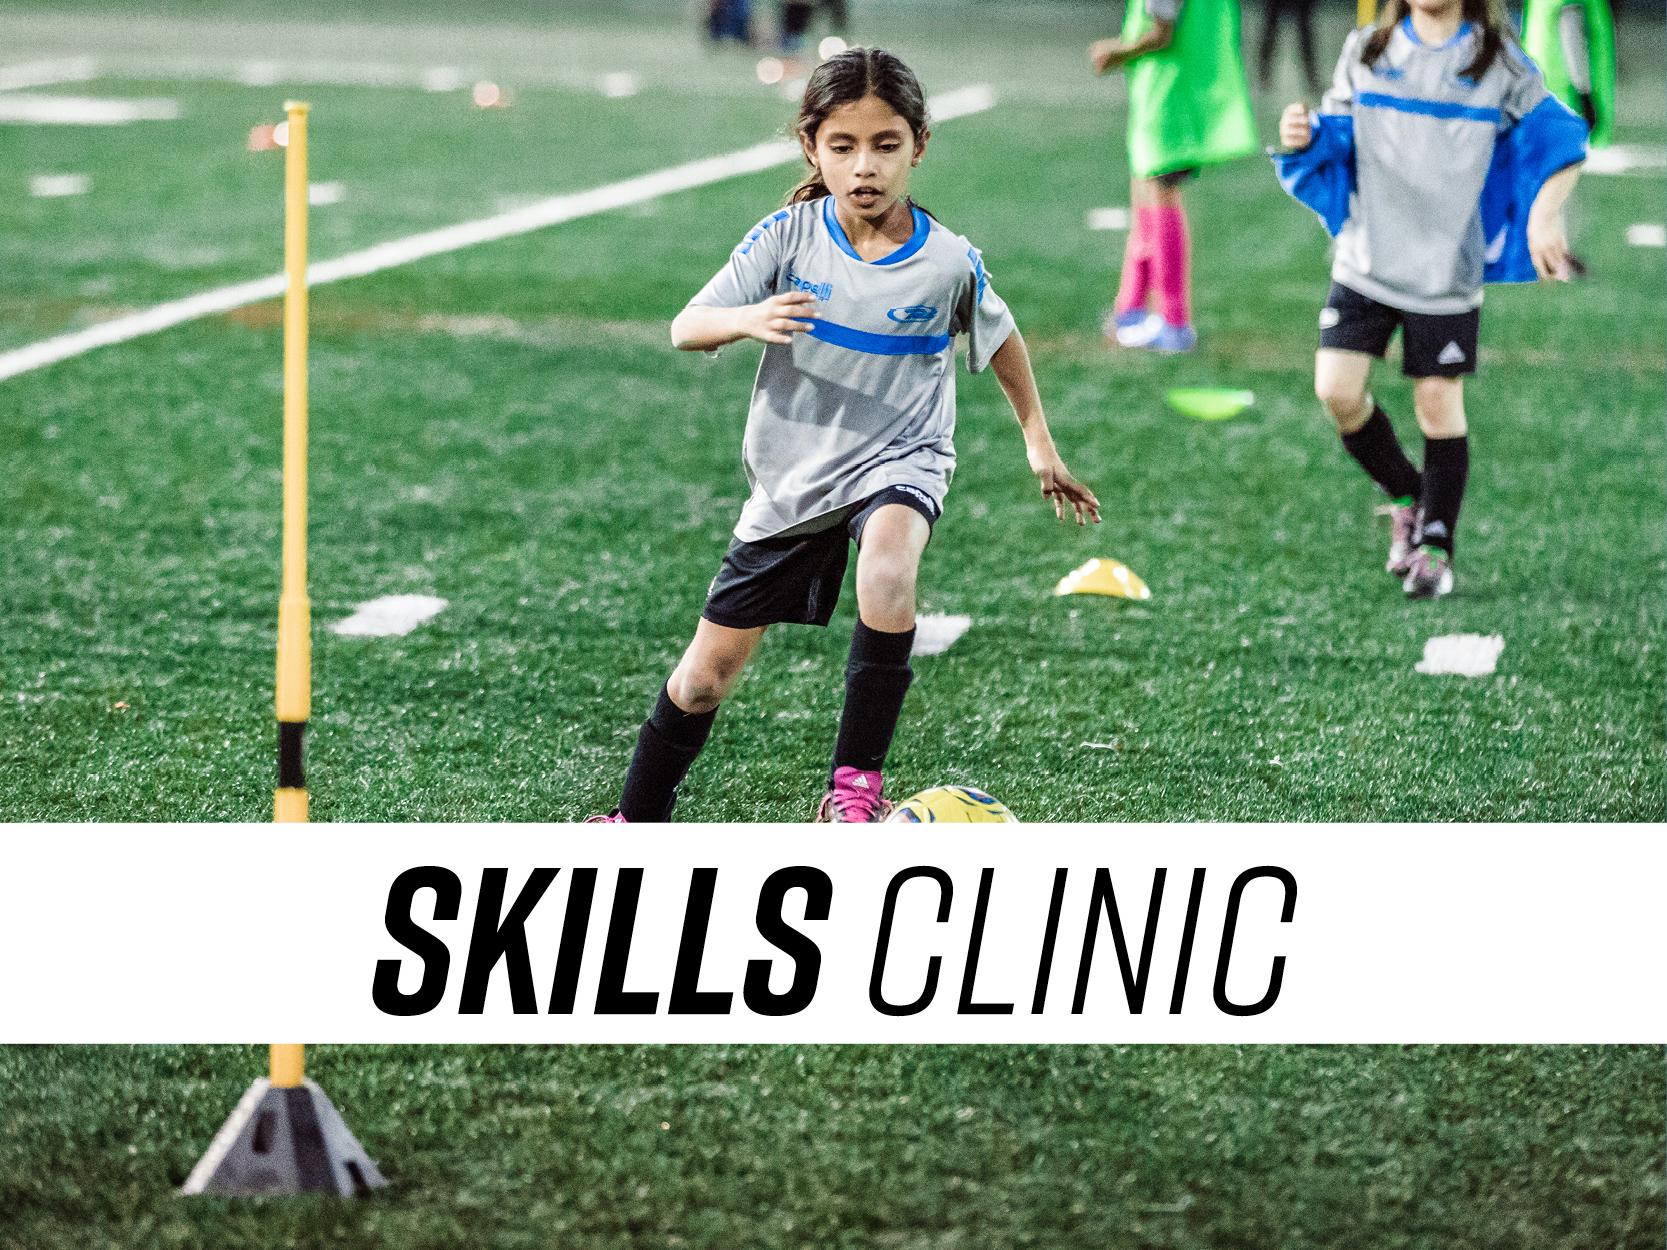 Skills-GirlsJnr